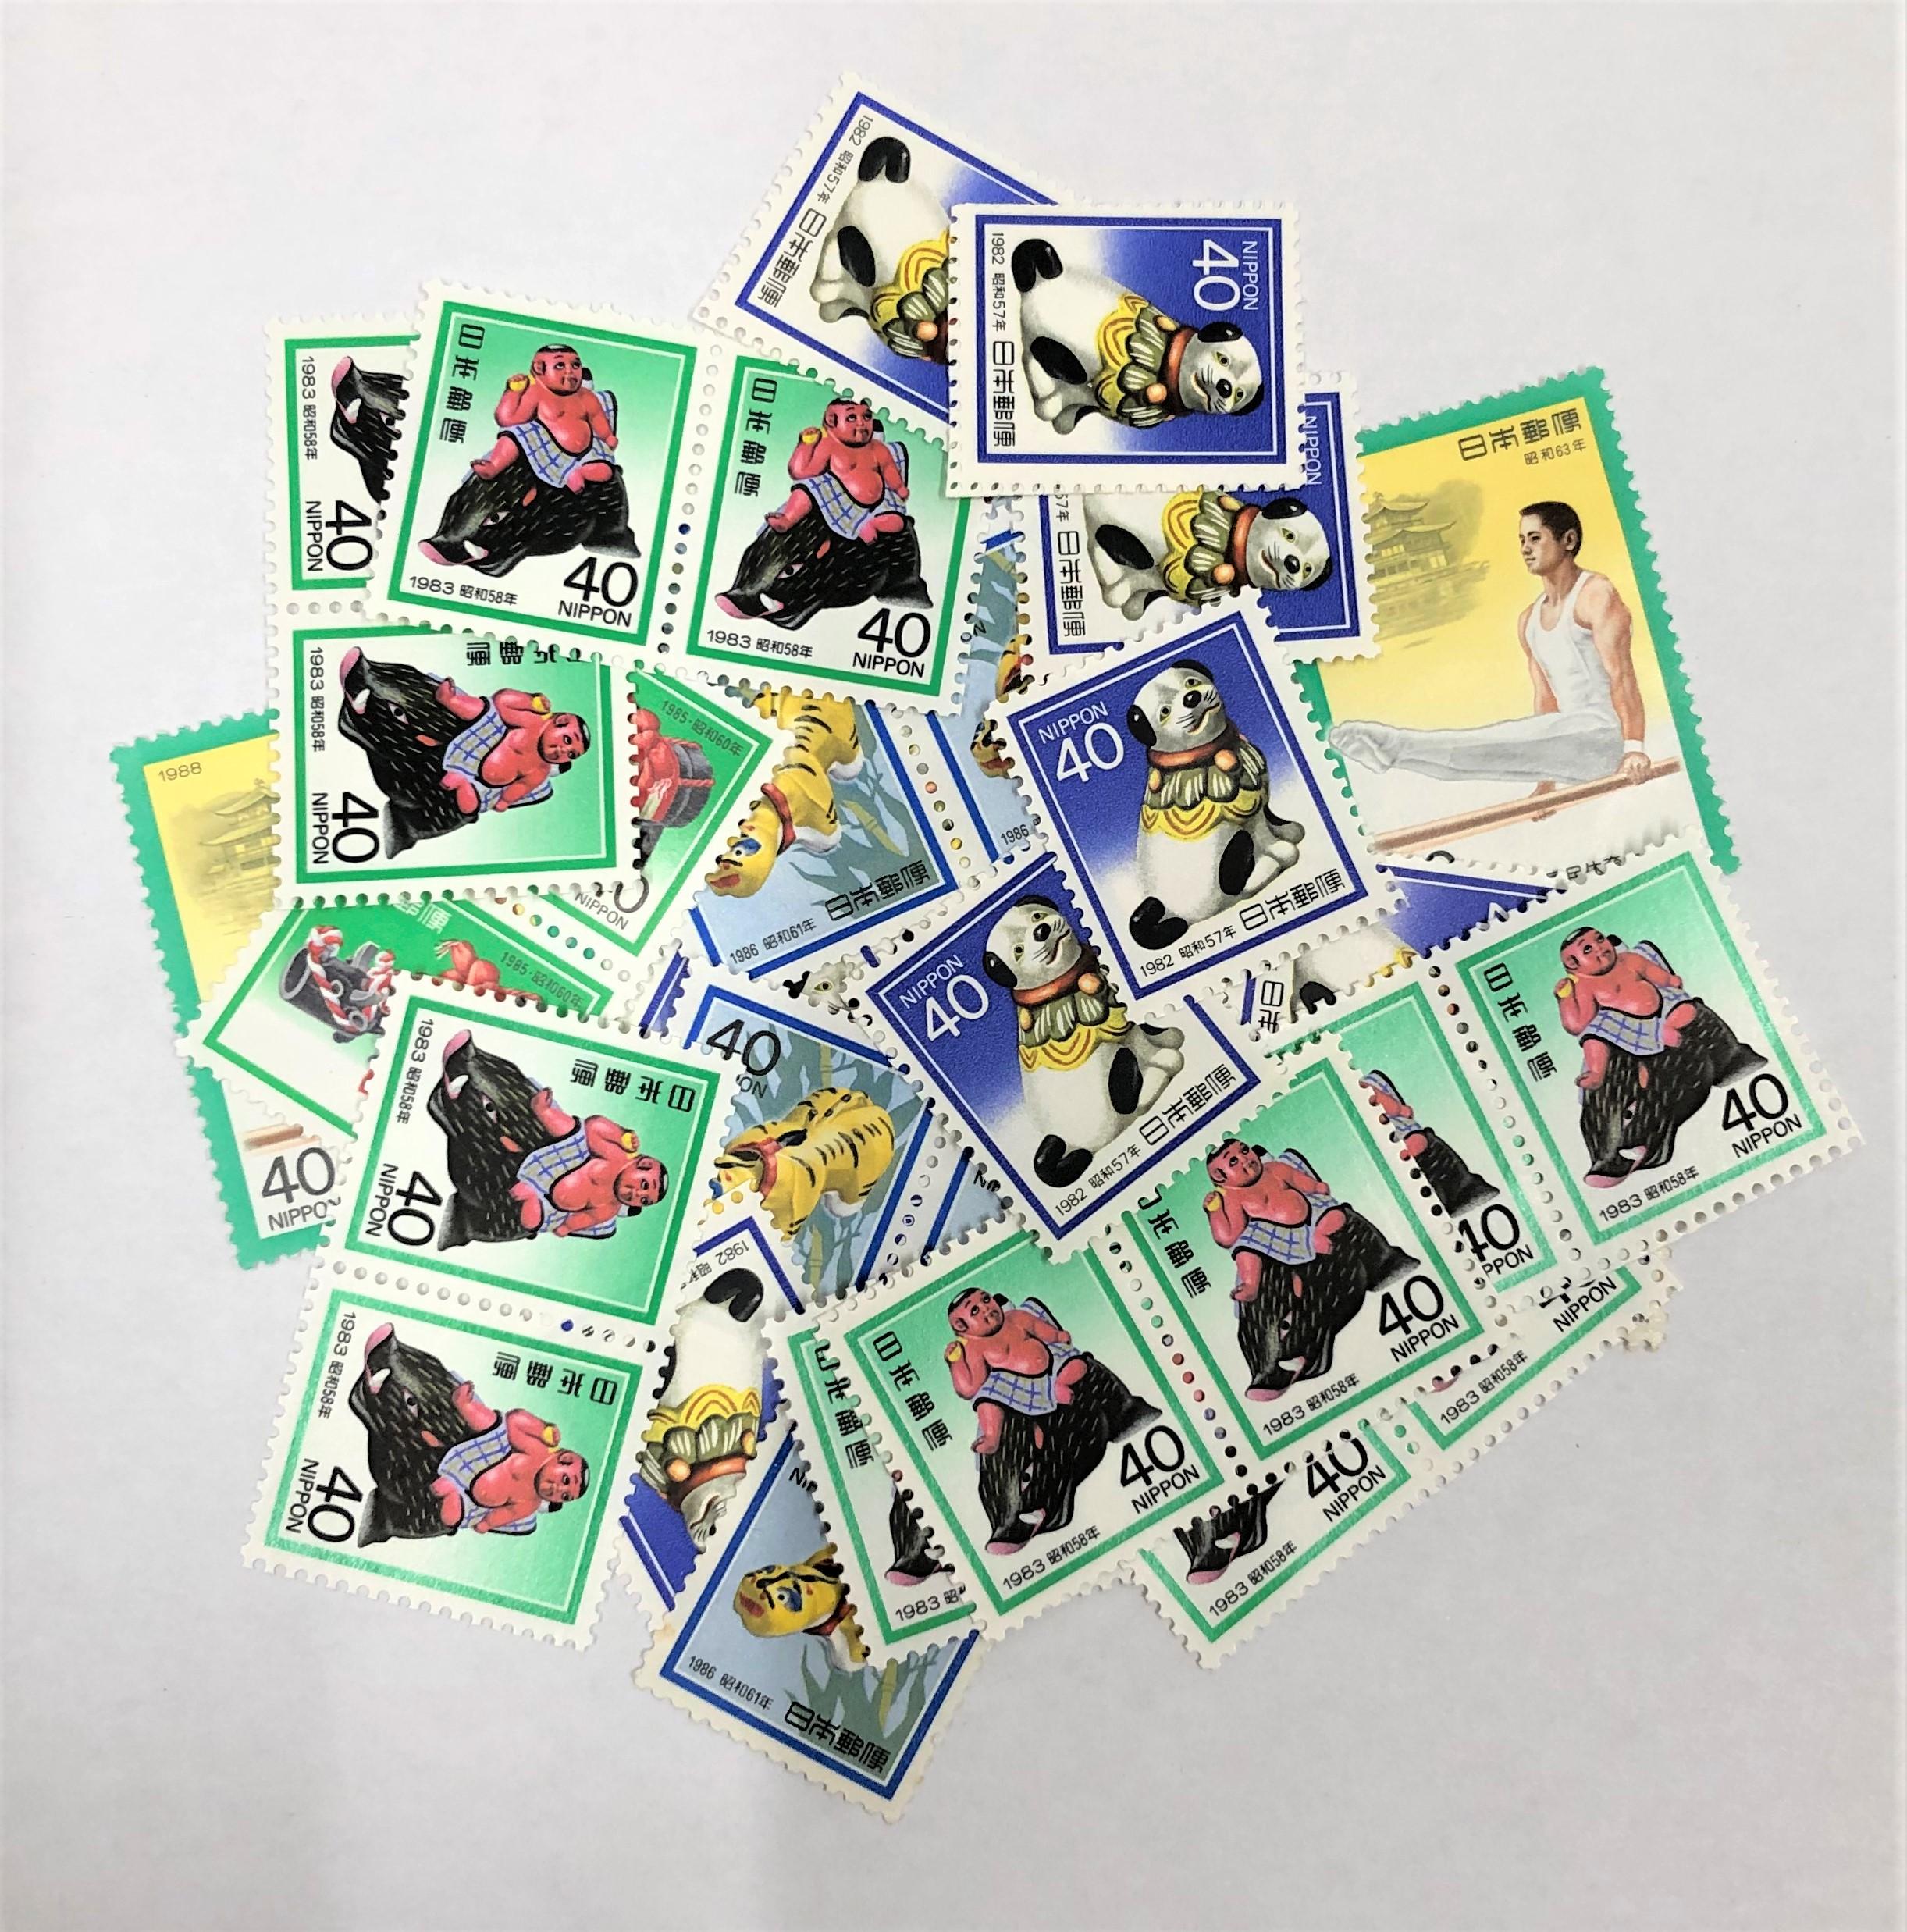 バラ切手 40円